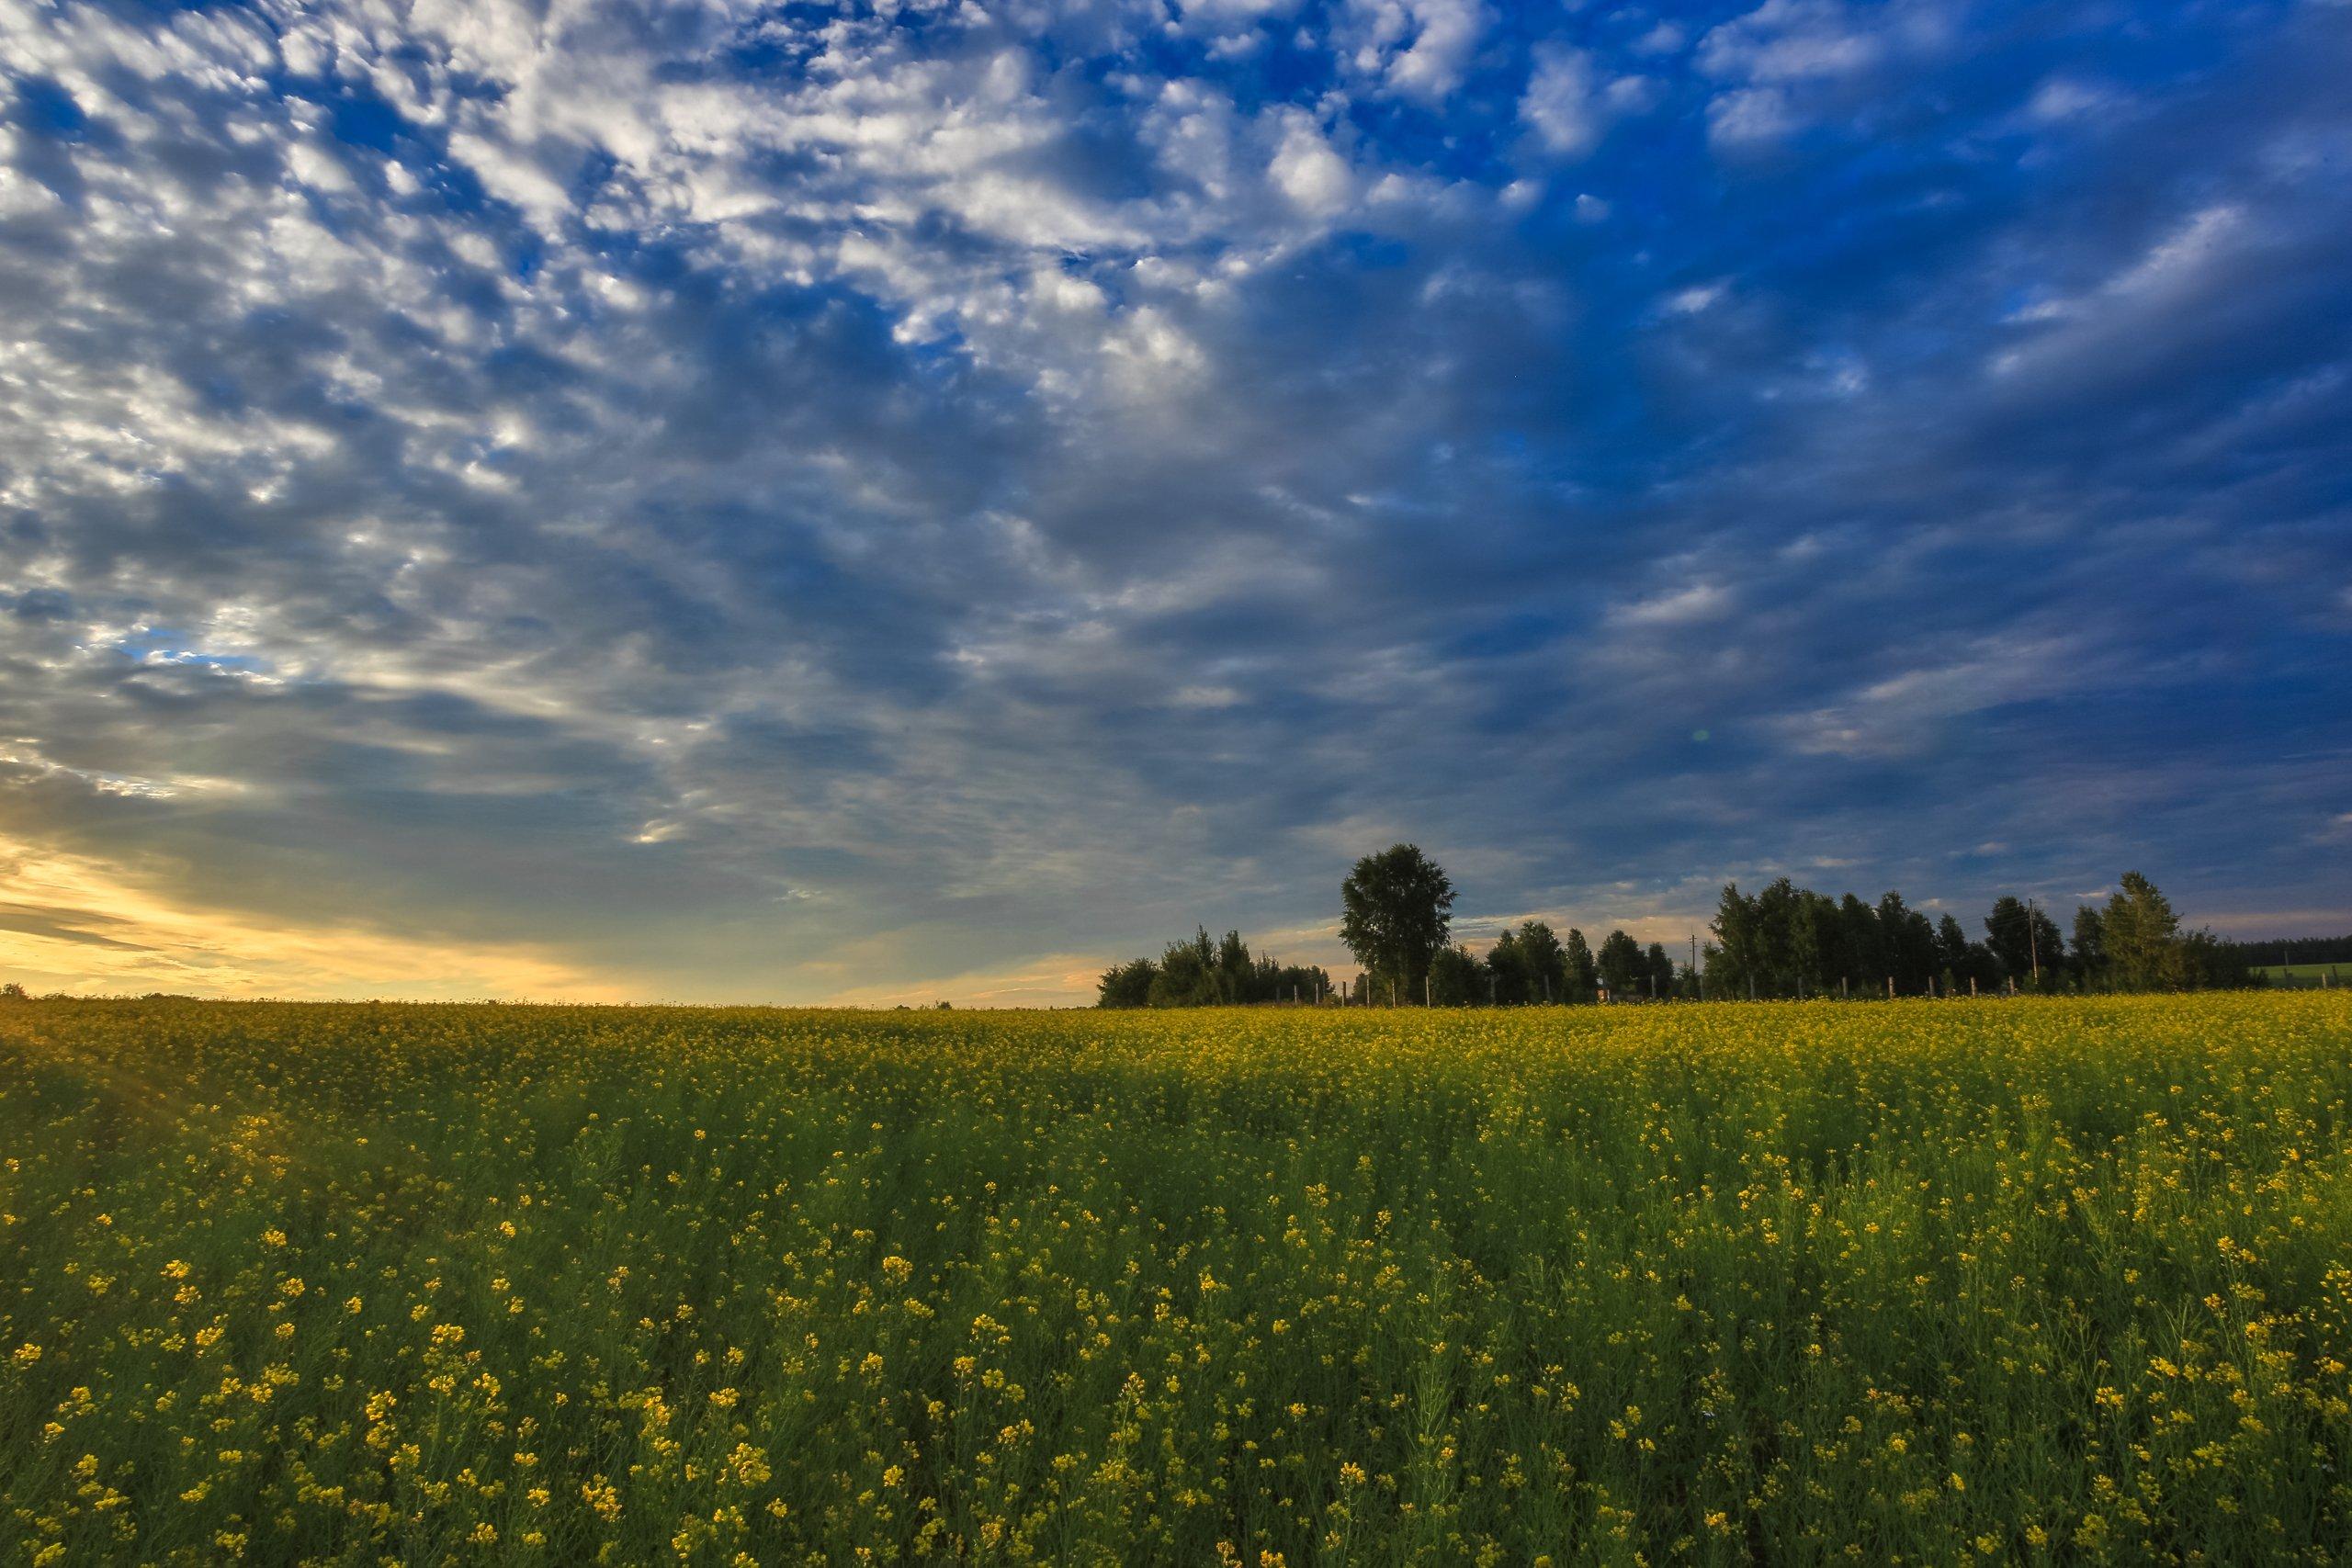 Природа, Поле, Желтые, Небо, Лето, Пейзаж, Природа, Луг, Облака, Небо, Синее, Пейзаж, Цветок, Весна, Зеленый Цвет, Рапс, Ребрук, Павел Ребрук